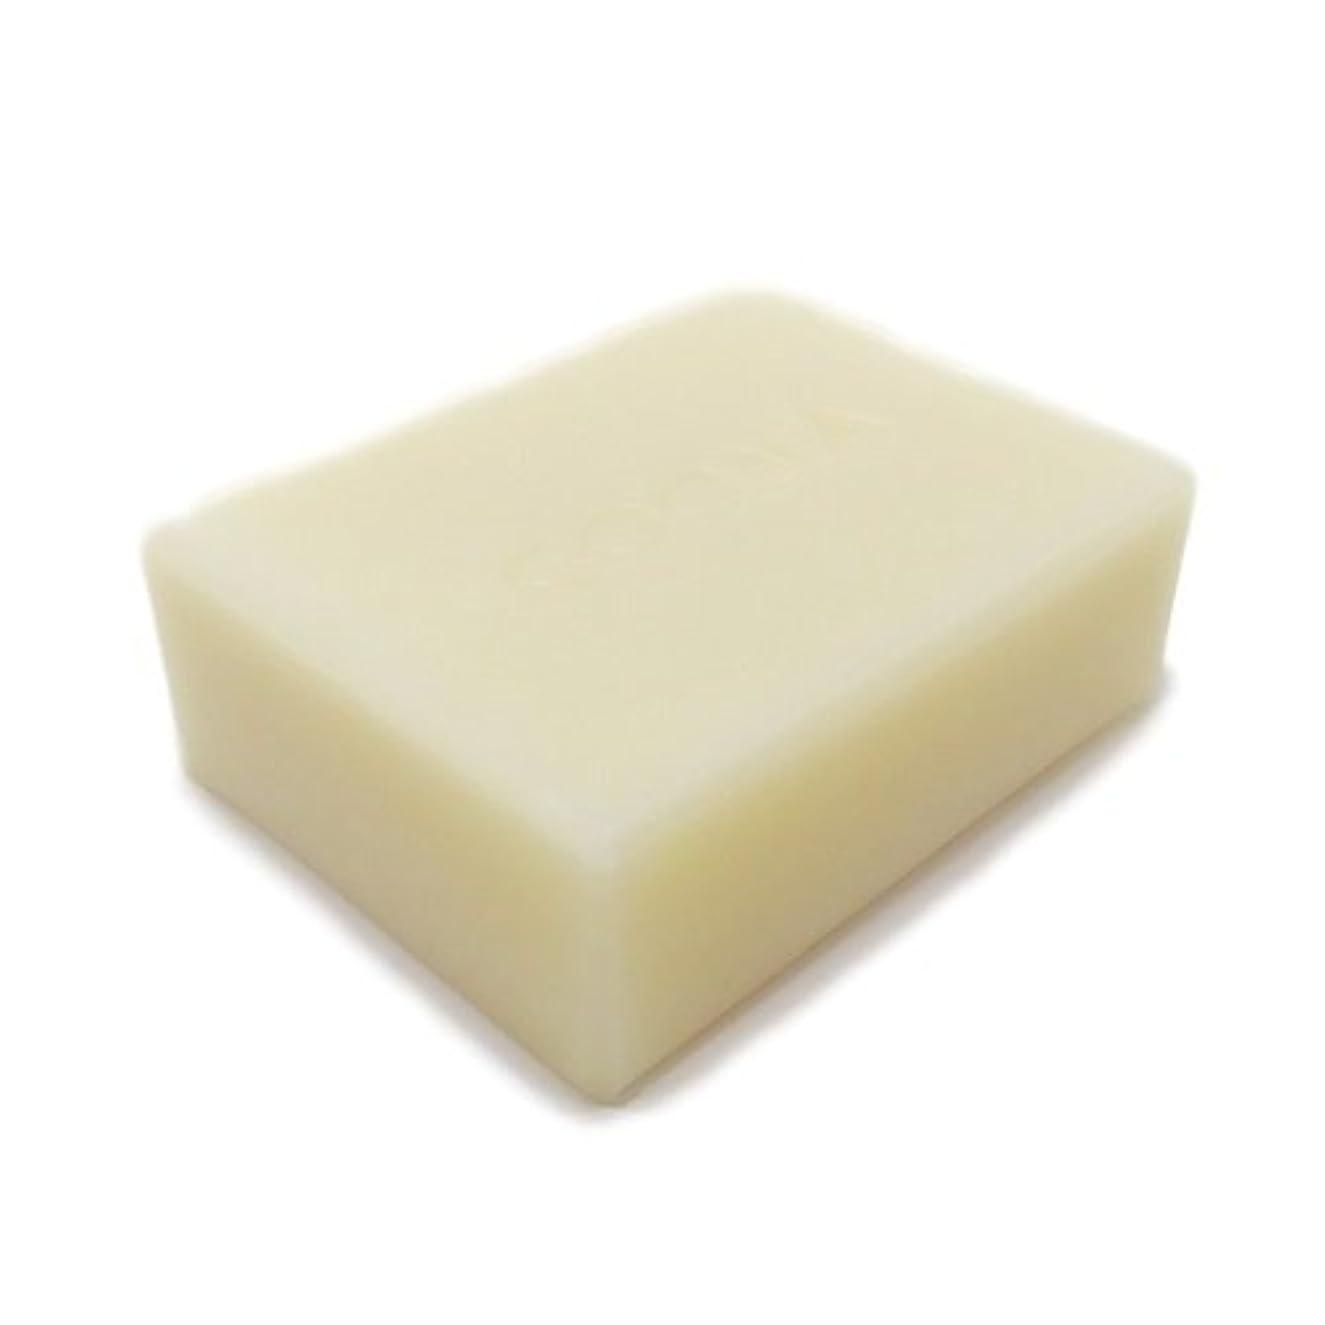 インターネットオーディション永久浴用石鹸 COONA和の香り石けん ひのき (天然素材 自然派 コールドプロセス 手作り せっけん) 80g